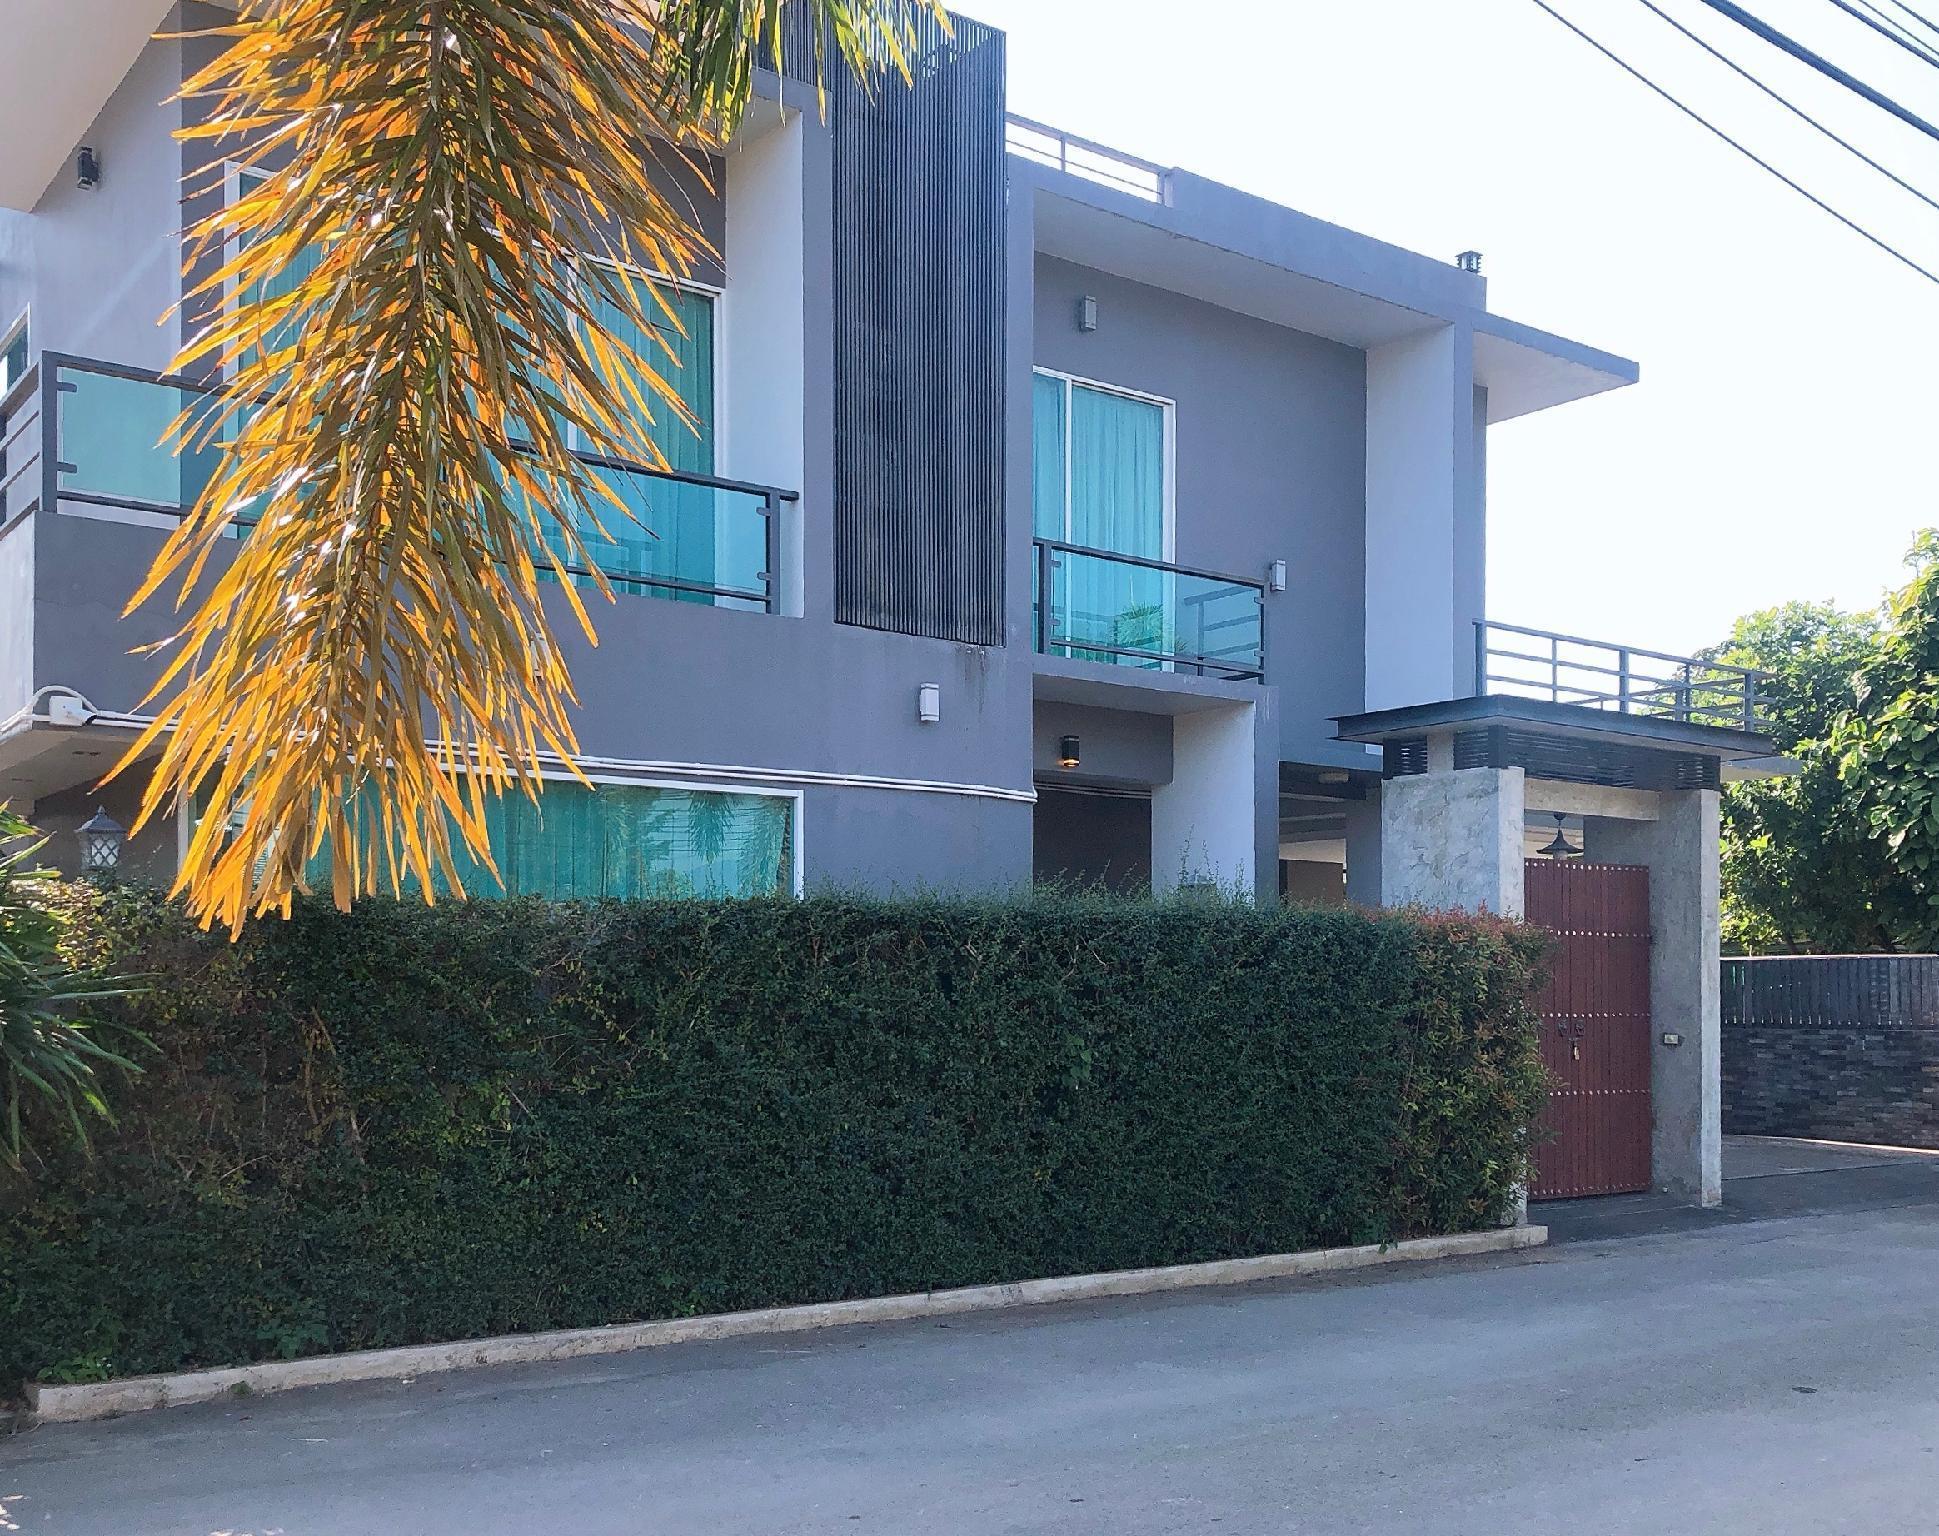 Water House Chiangmai วิลลา 4 ห้องนอน 4 ห้องน้ำส่วนตัว ขนาด 620 ตร.ม. – เจริญเมือง